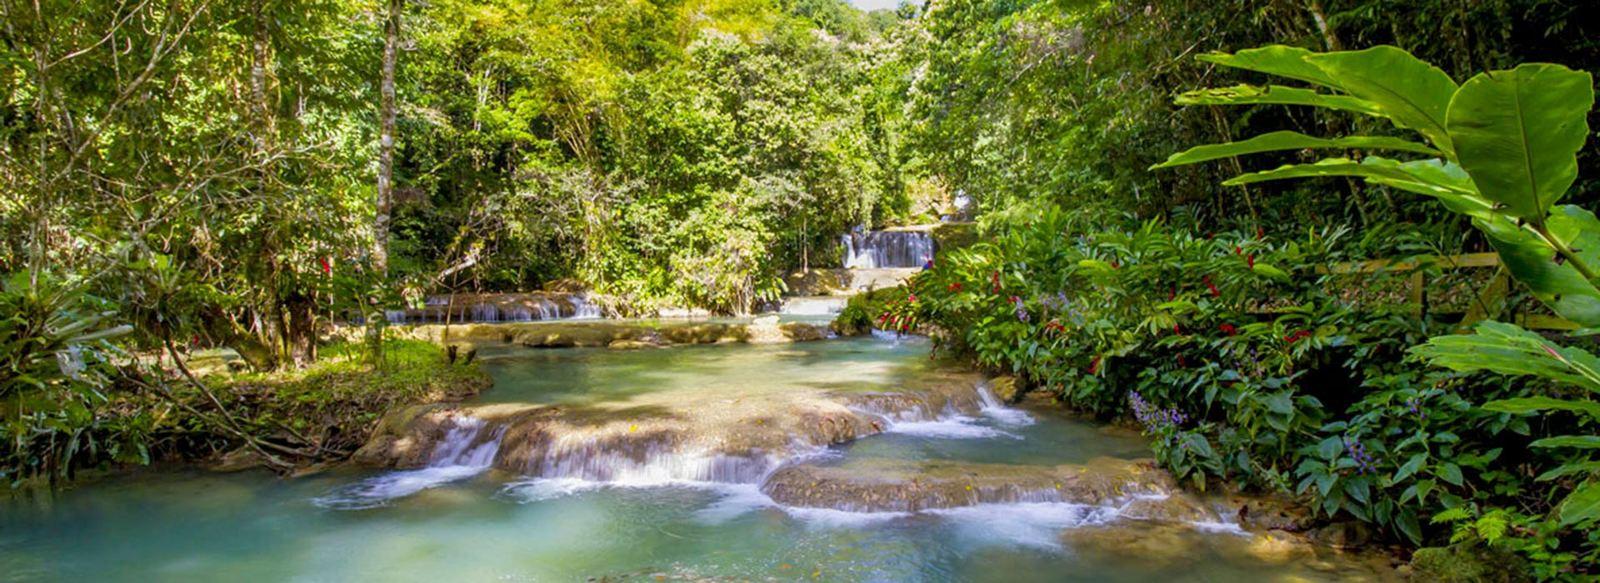 Una delle più famose spiagge della Giamaica